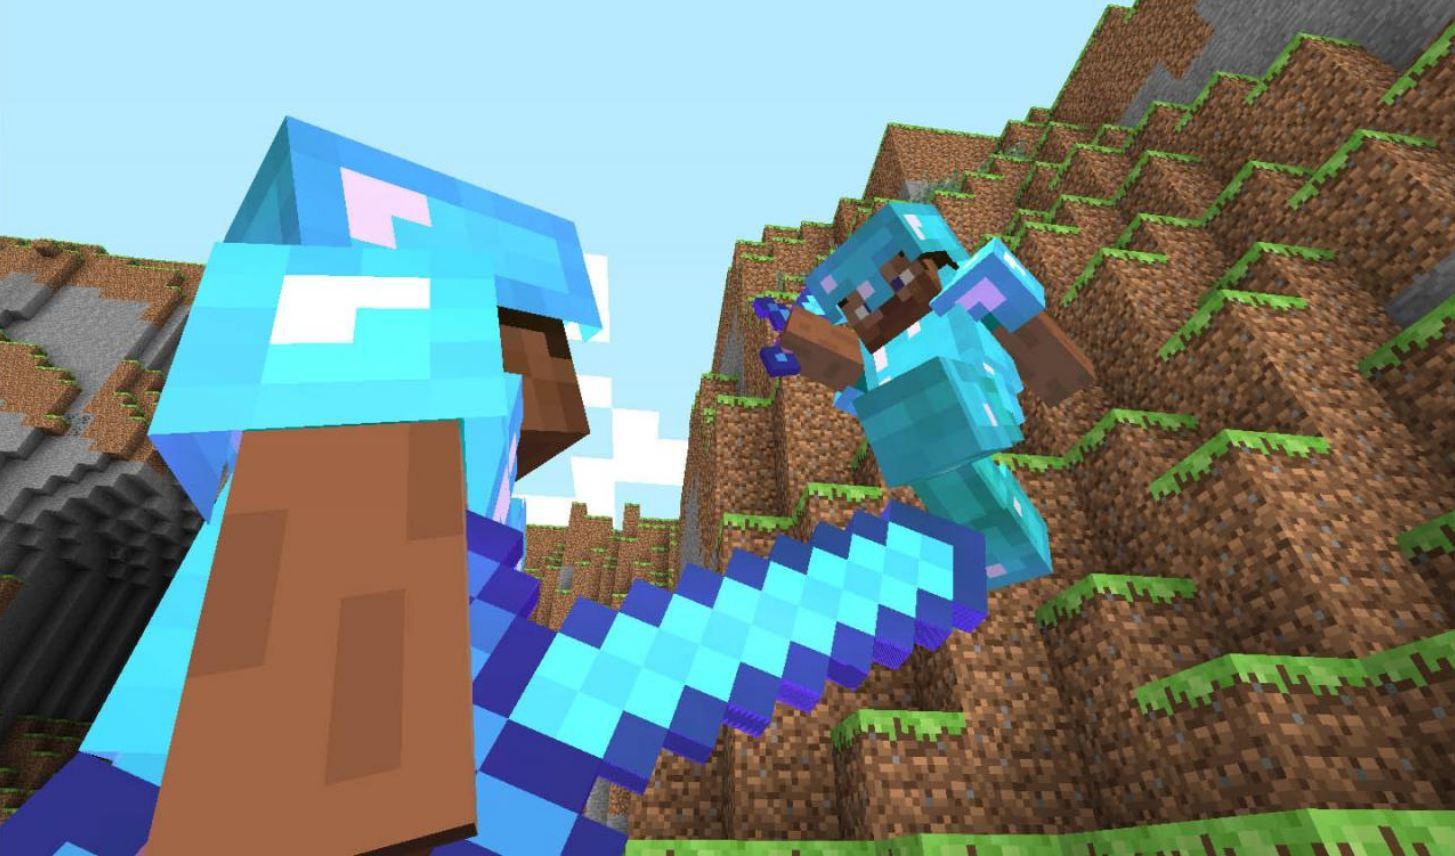 wallpaper minecraft avec deux joueurs en armure de diamant qui se battent